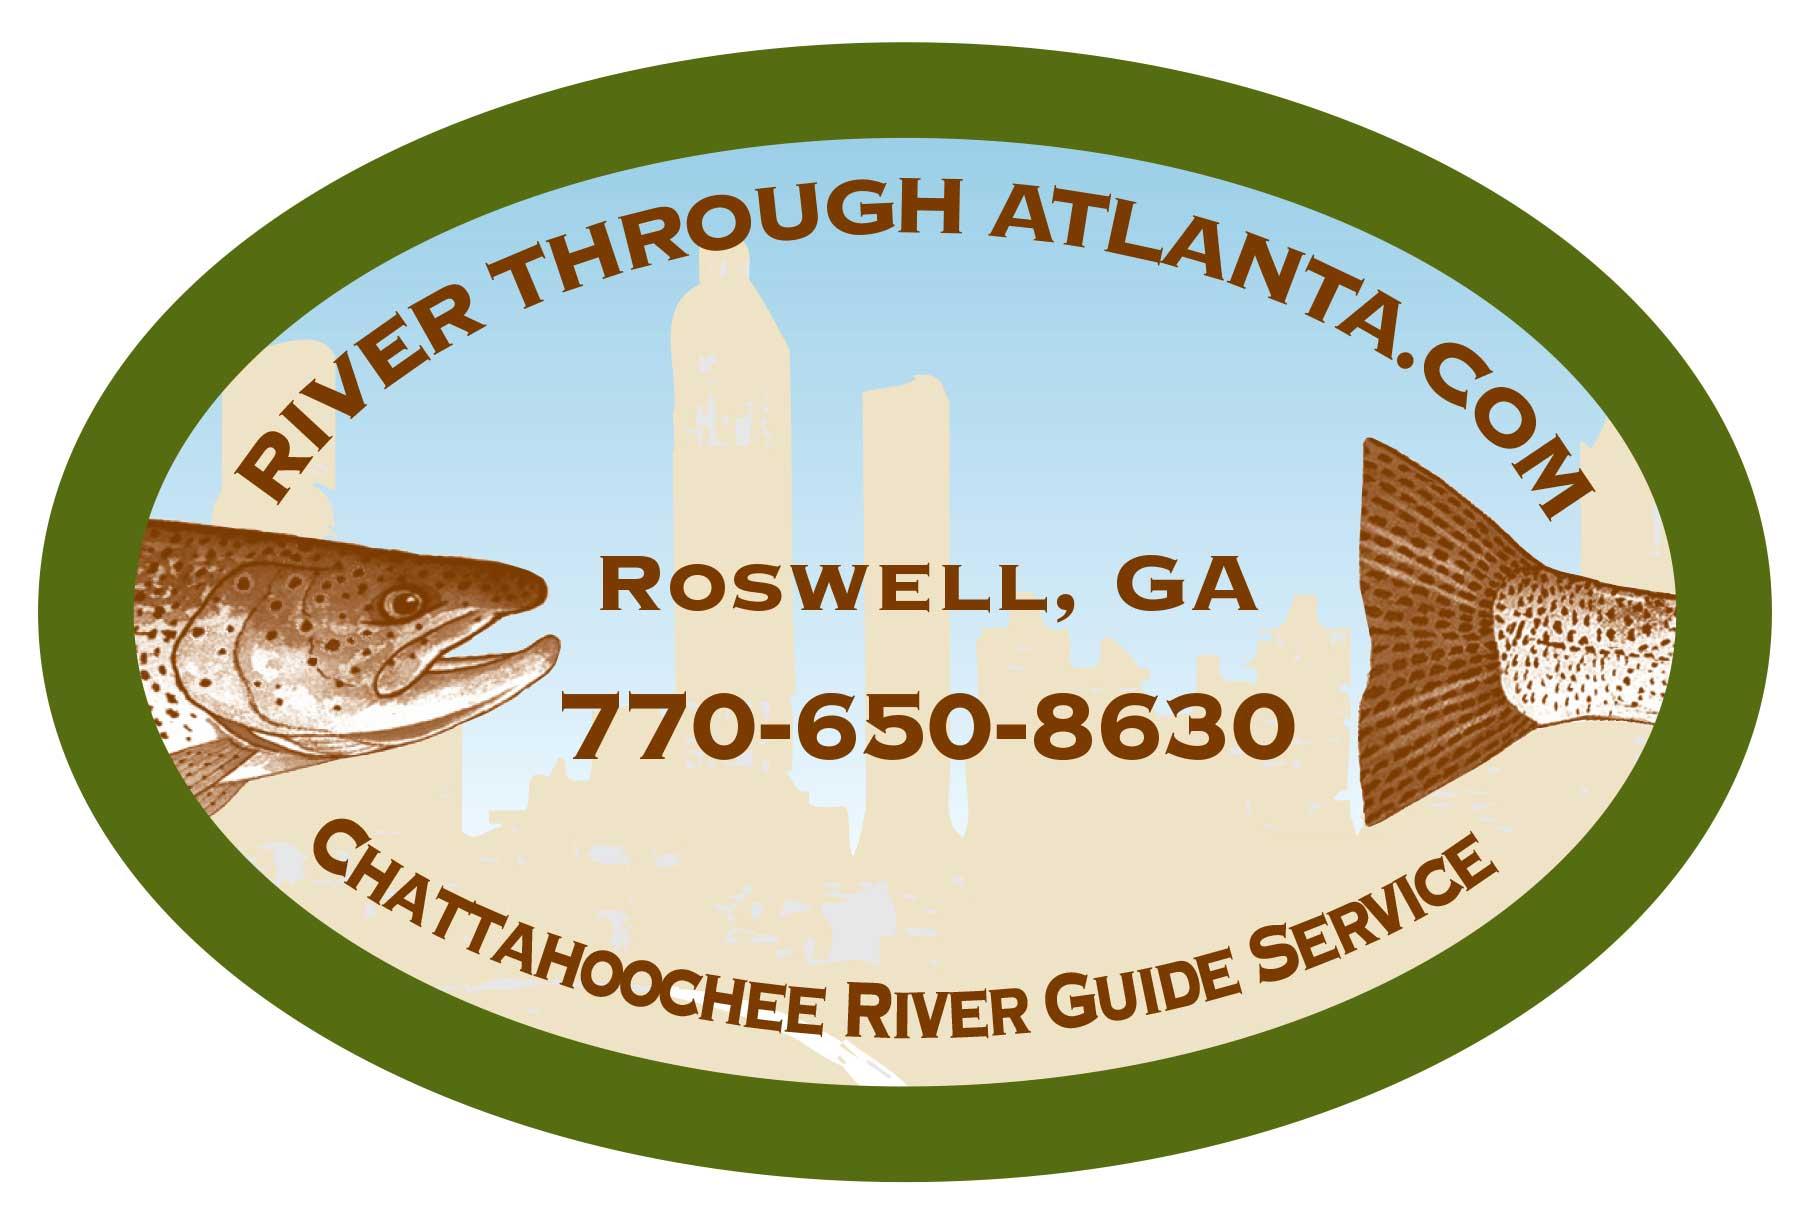 River Through Atlanta Logo